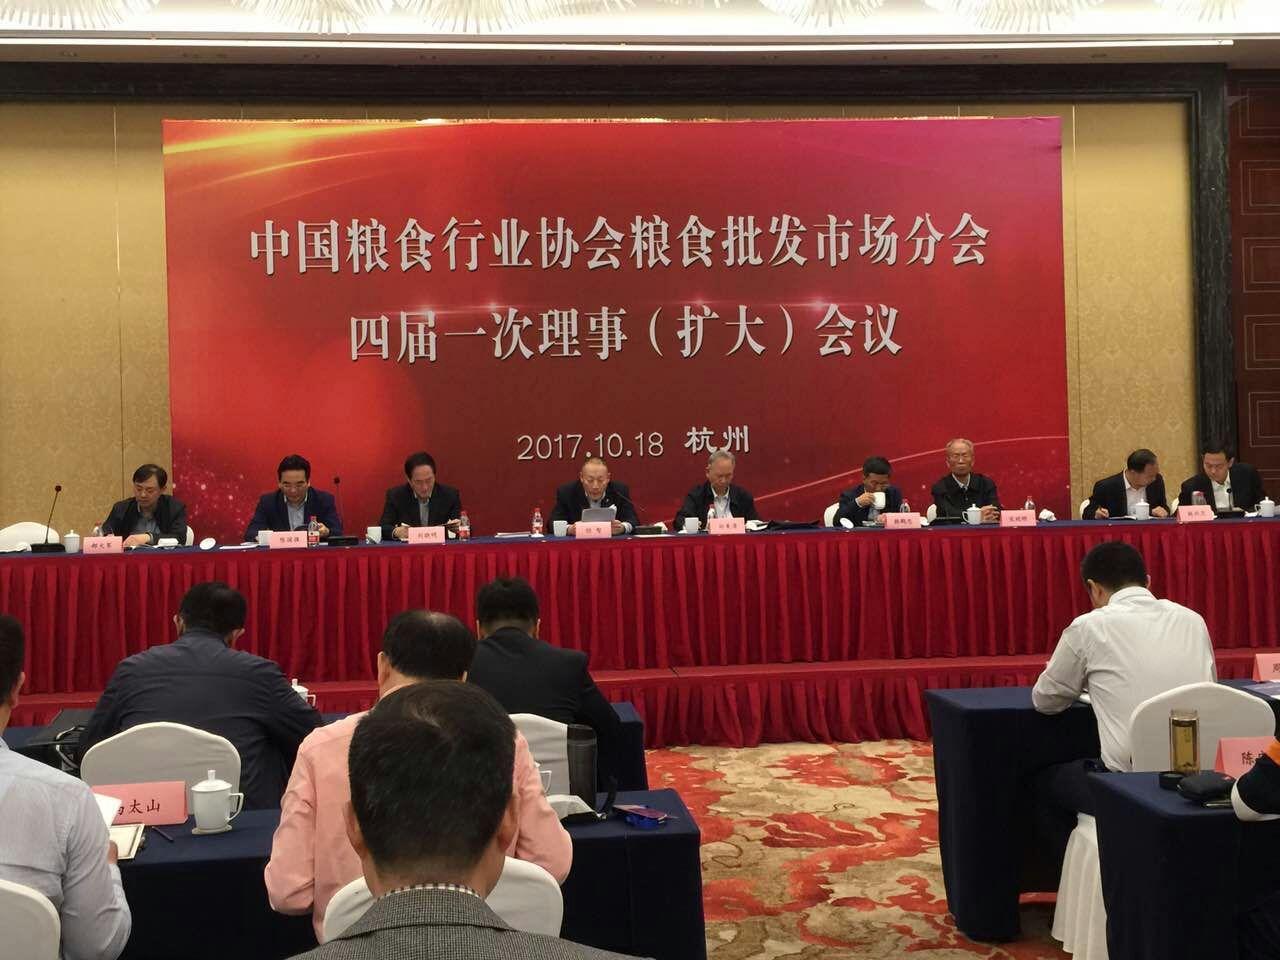 中粮协批发市场分会四届一次理事(扩大)会议在杭州召开